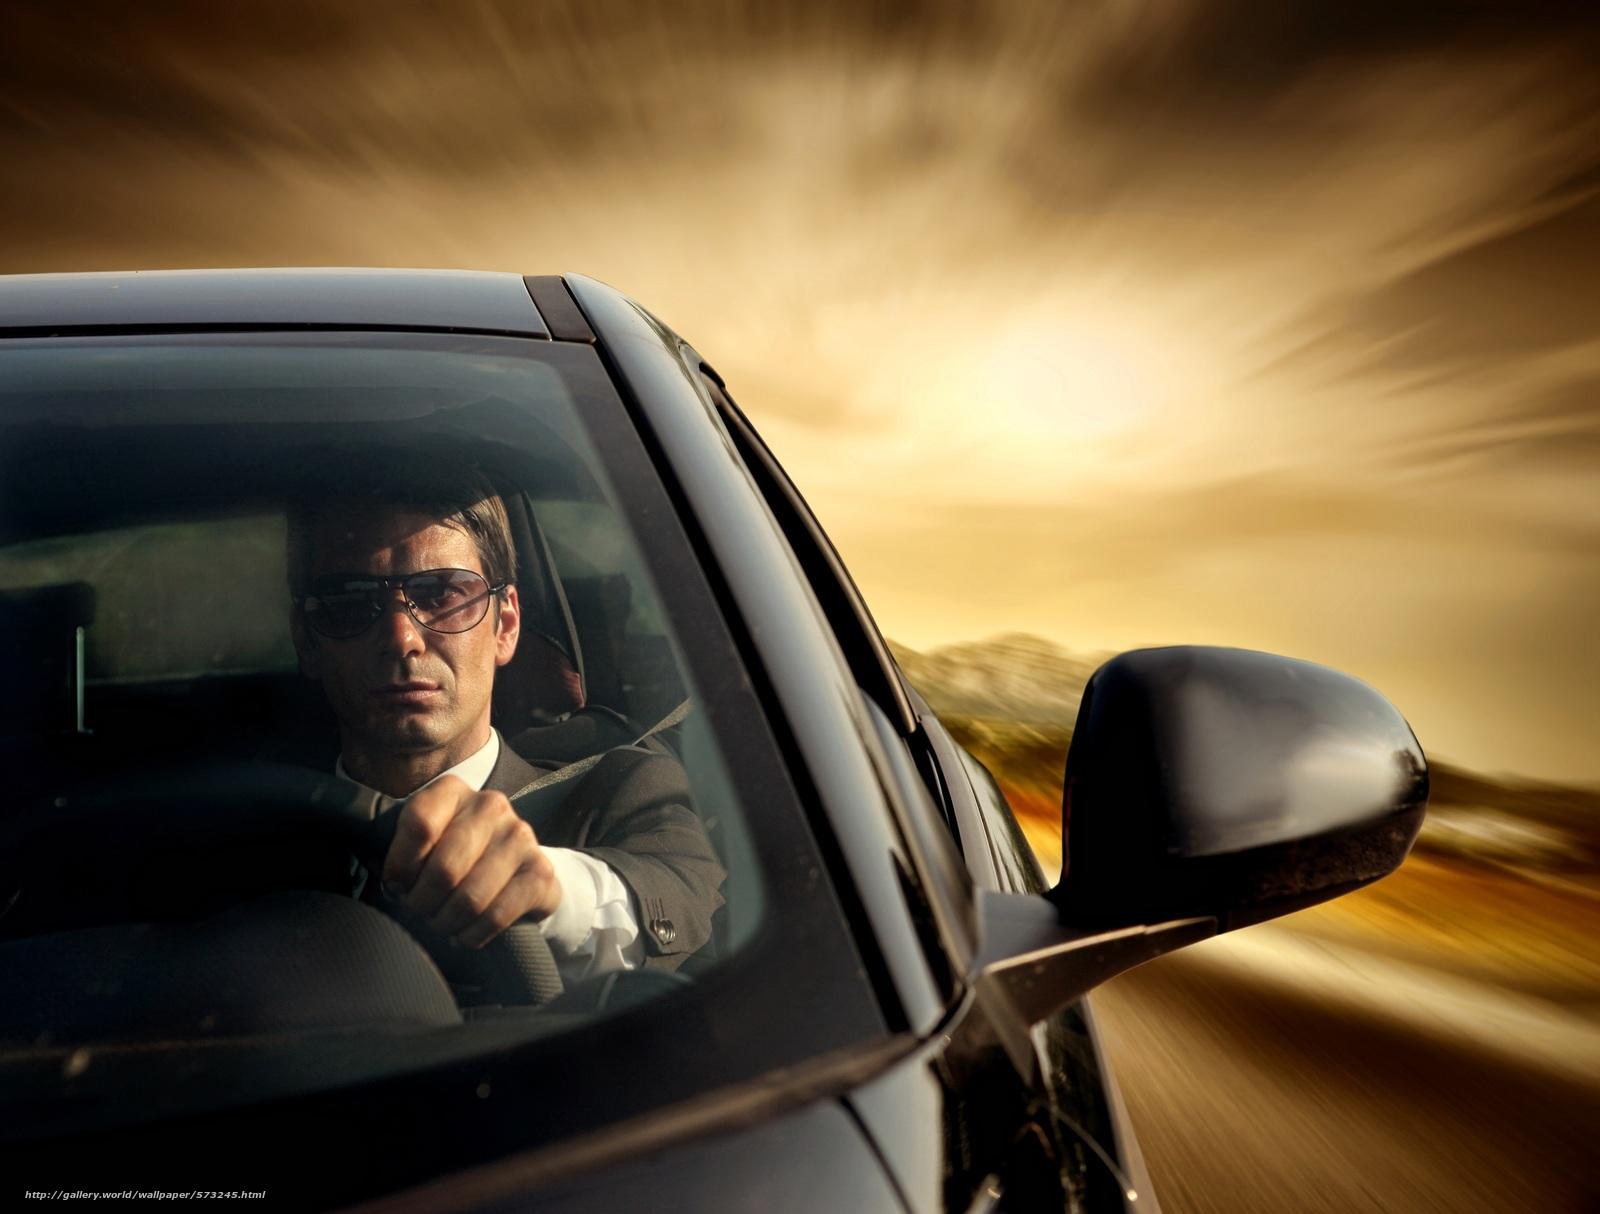 Скачать обои автомобиль,  стиль,  мужчина,  за рулём бесплатно для рабочего стола в разрешении 3000x2276 — картинка №573245